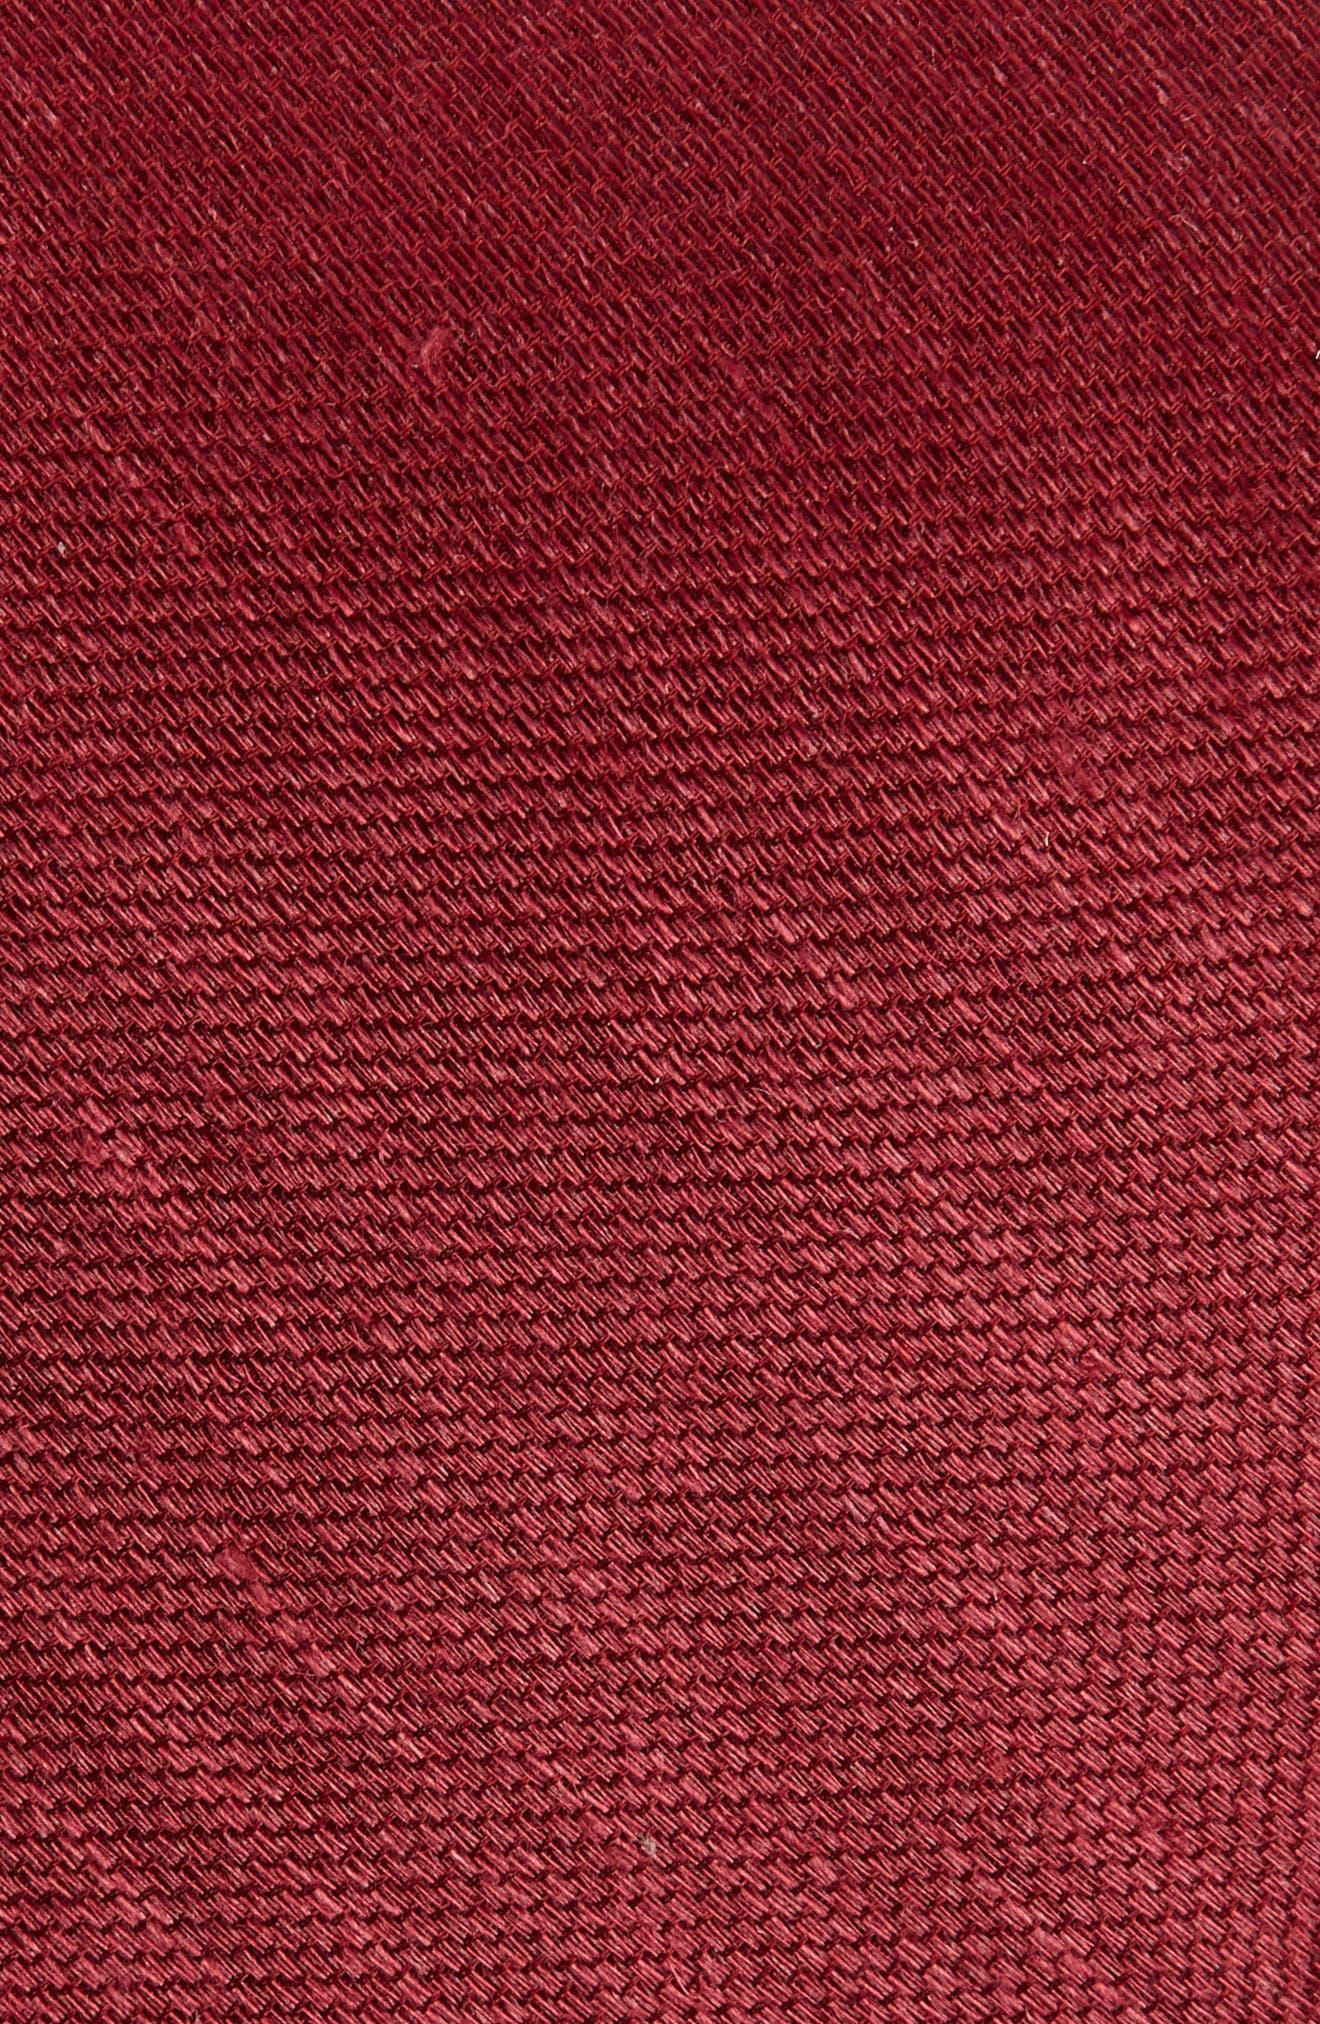 Jet Set Solid Silk & Linen Tie,                             Alternate thumbnail 2, color,                             930